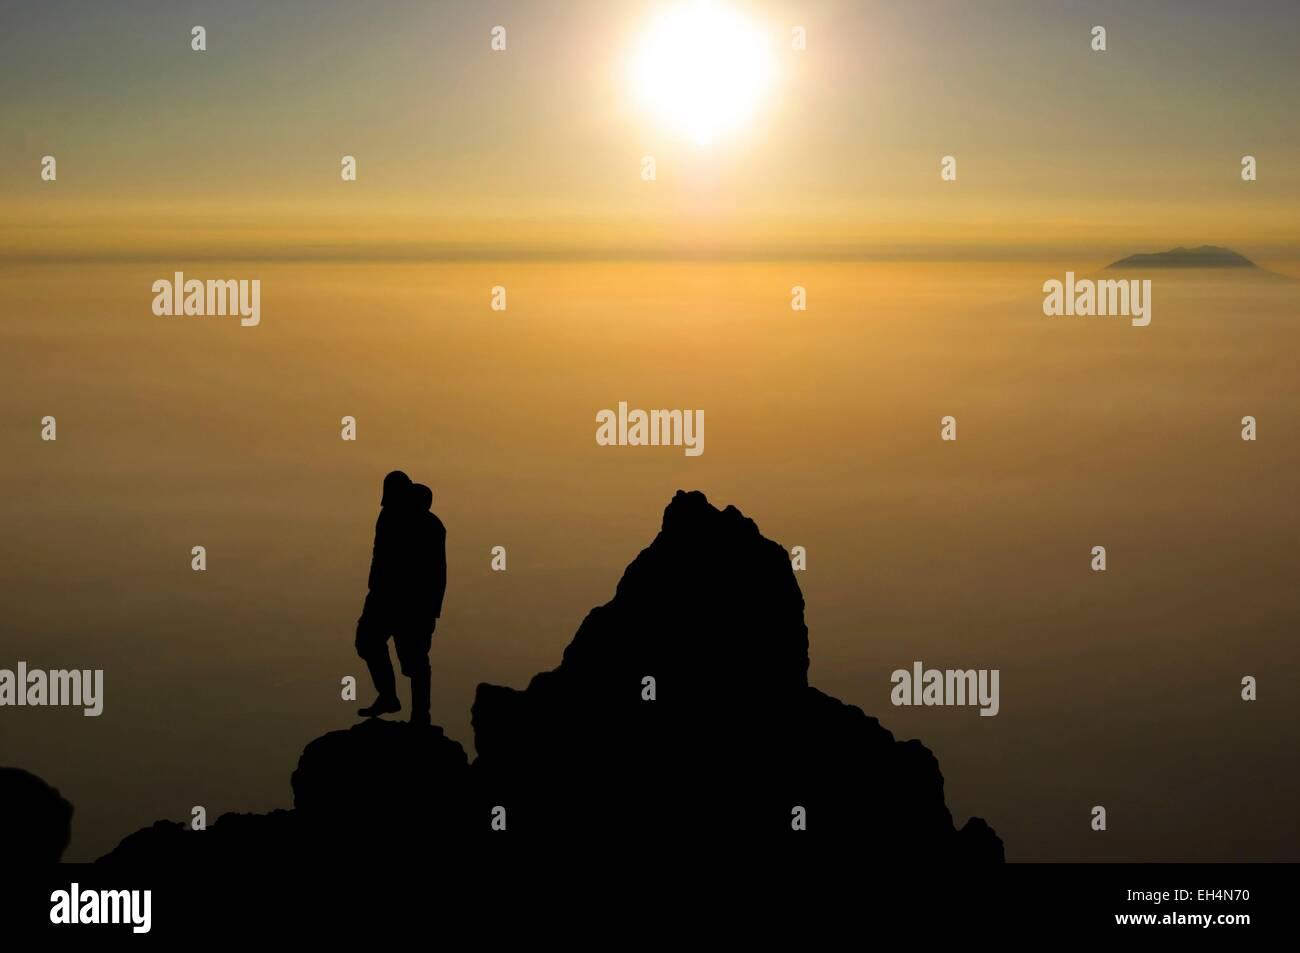 Indonesia, Java, Jawa Tengah, Yogyakarta, Merapi, sunrise from the summit of Merapi (1356m) - Stock Image